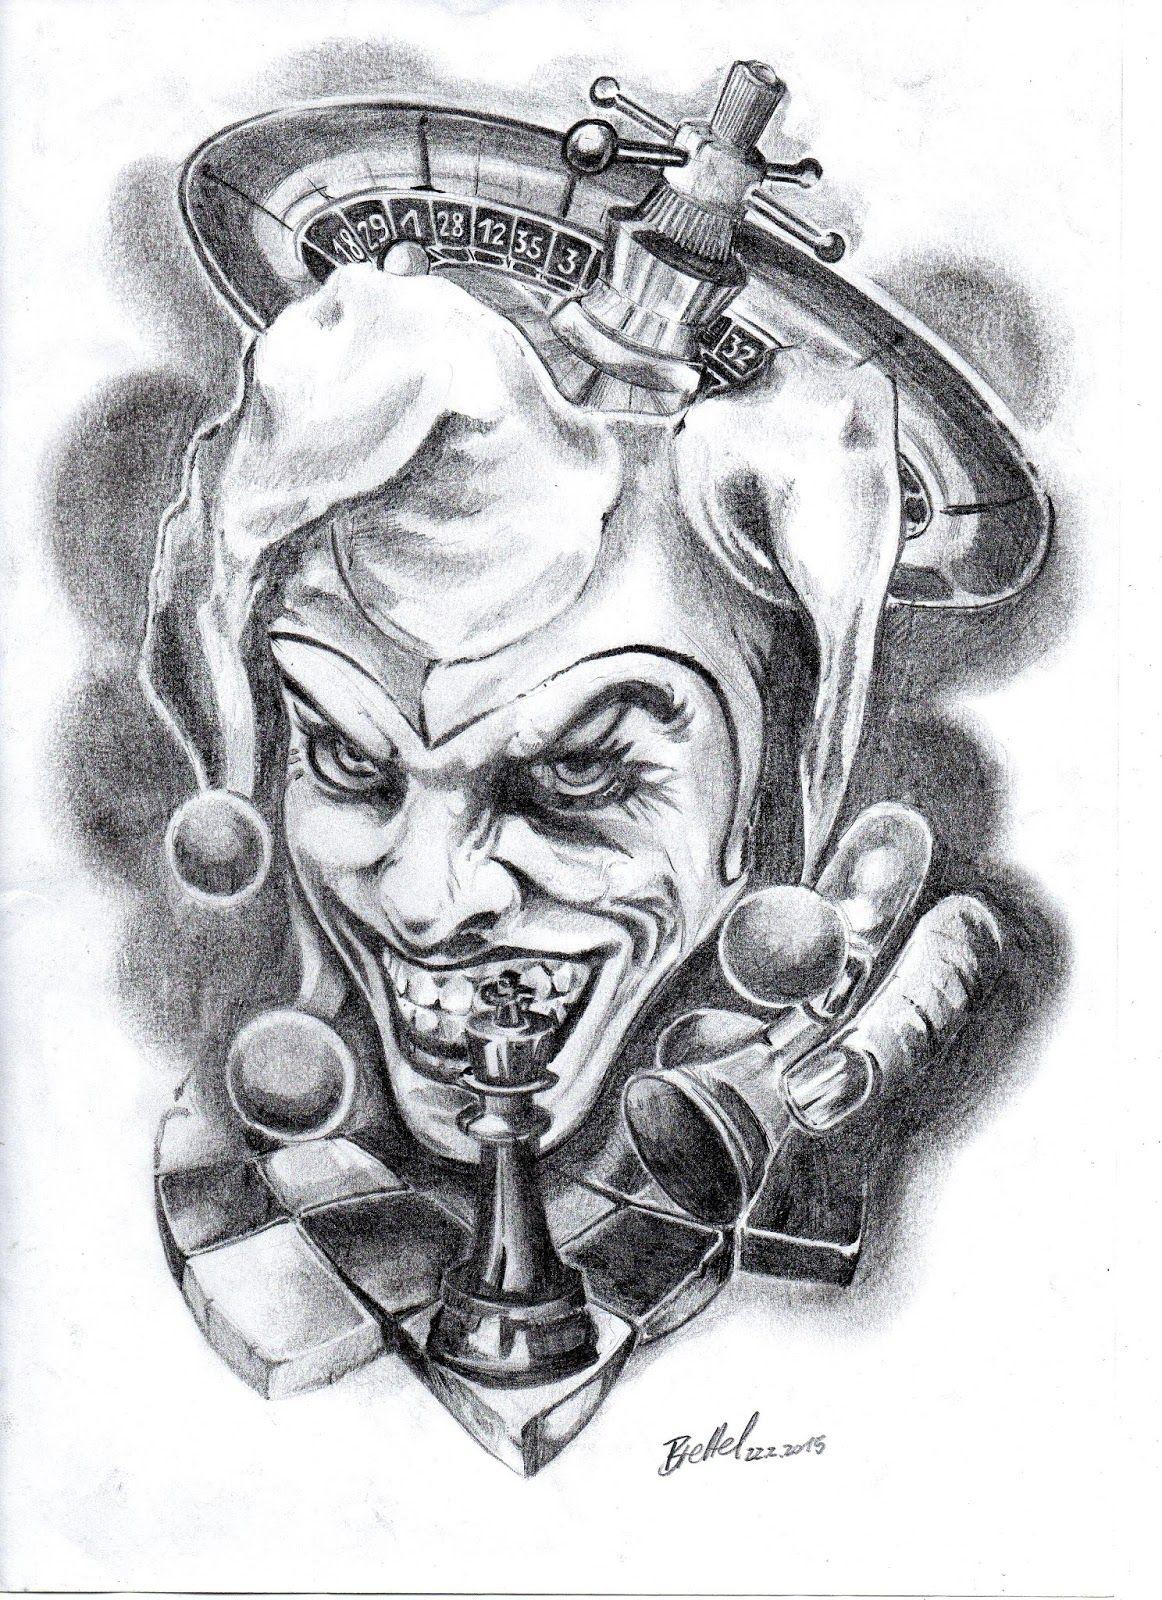 Desenho Palhaço Tatuagem img0753 (1162×1600) | tatuagem de duende, tatuagem de